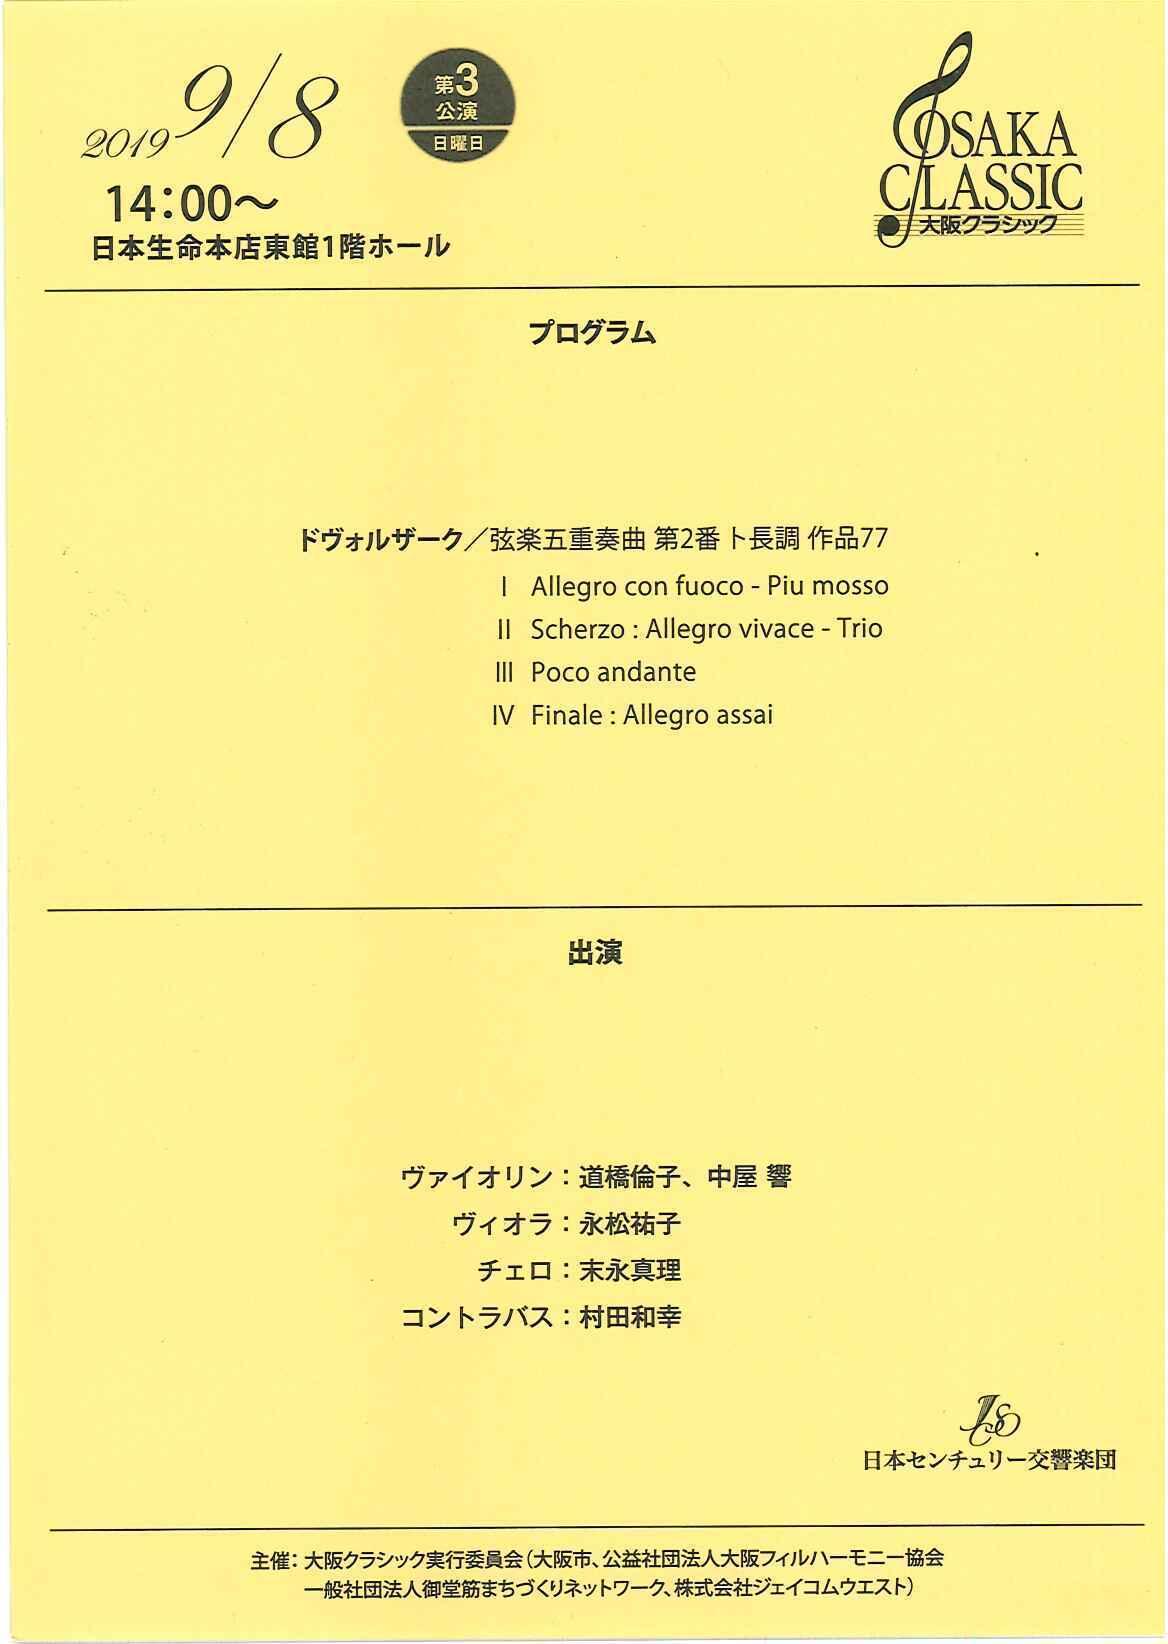 2019 大阪 クラシック